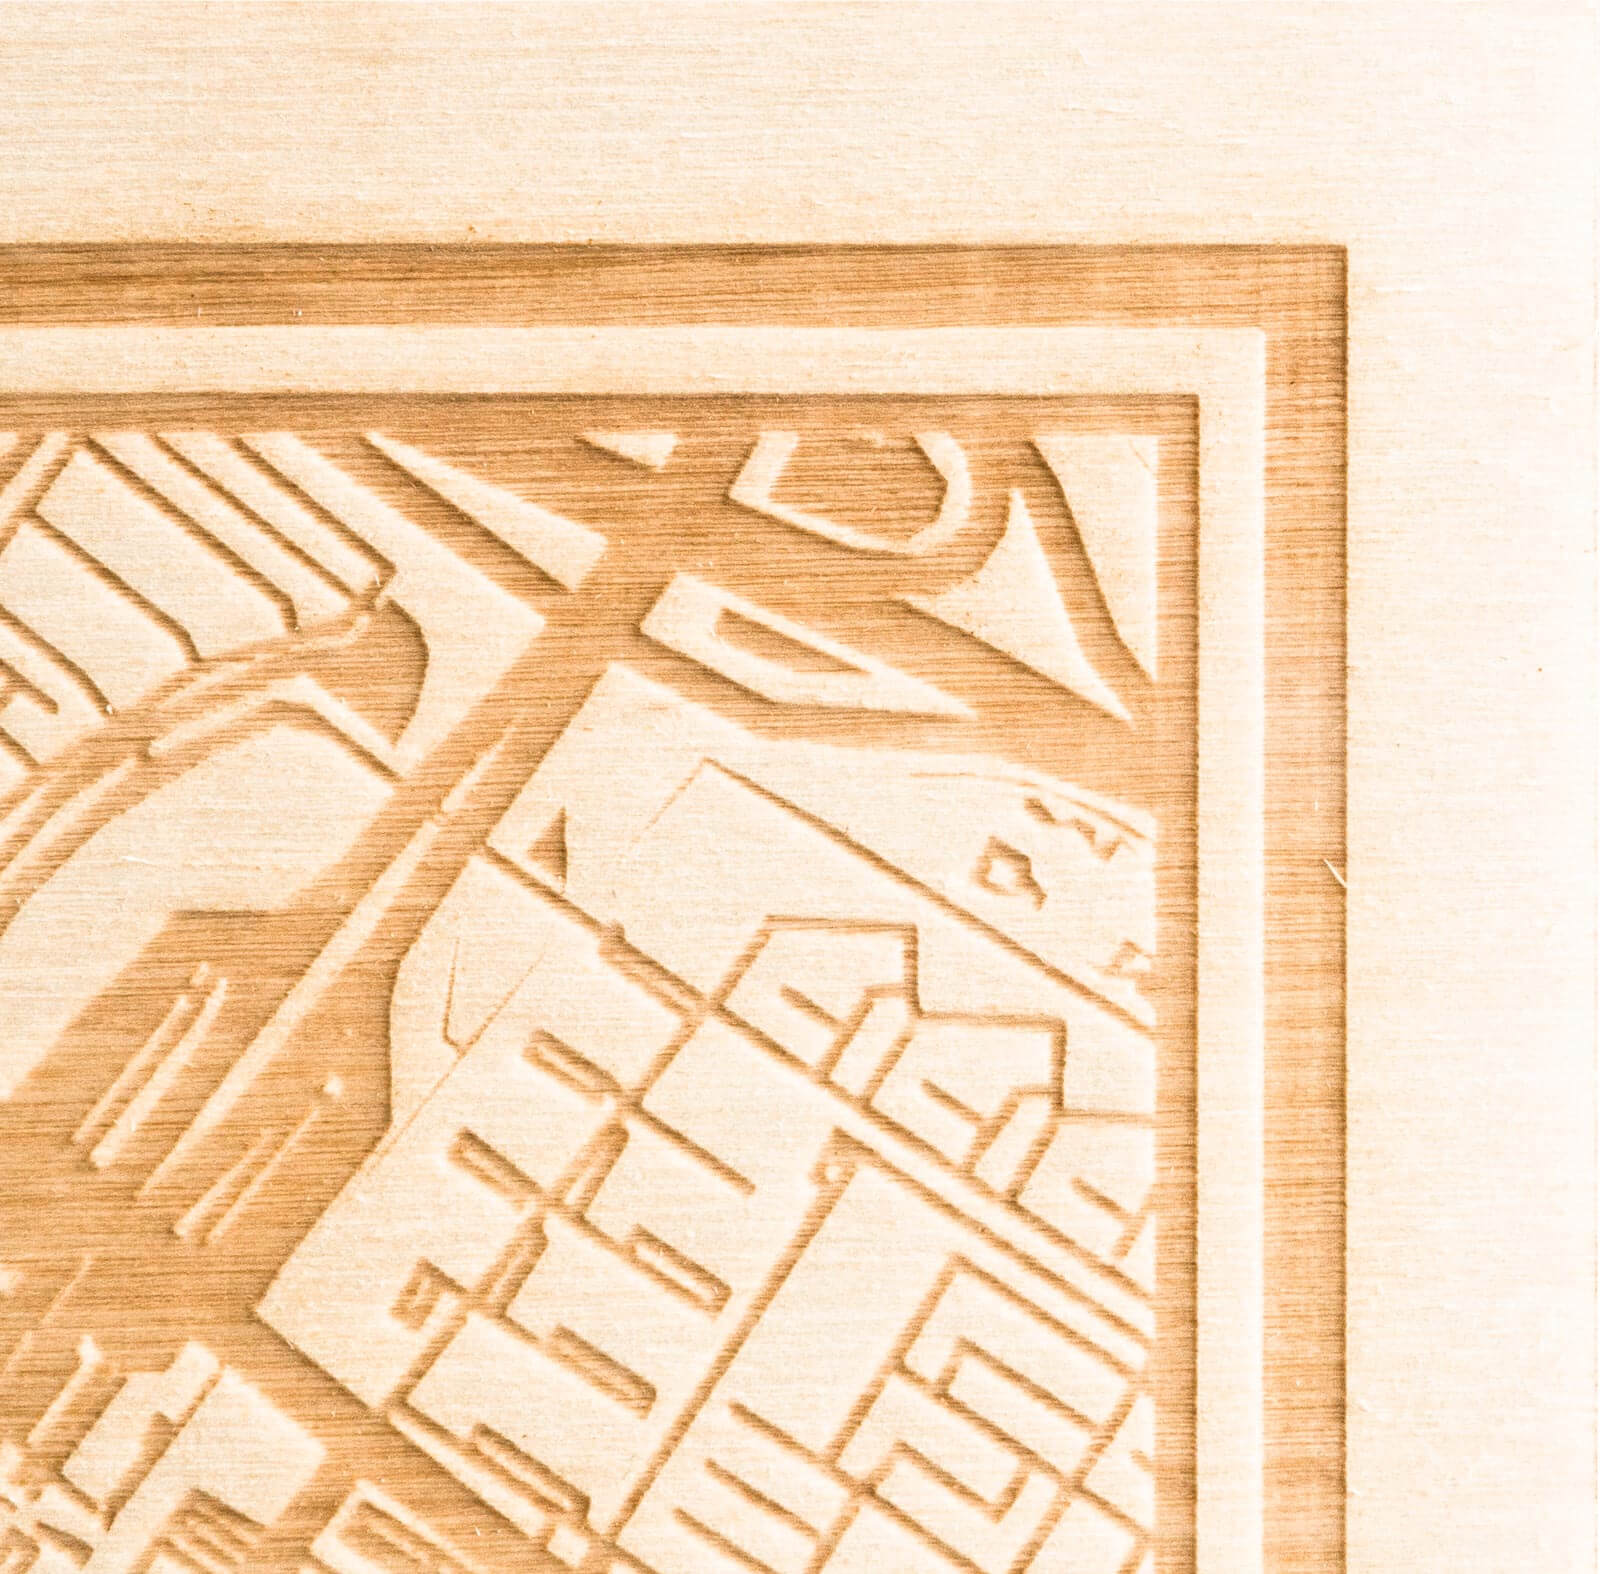 De persoonlijke plattegrond $place wordt hier gemaakt door het wegennet van $place in hout te graveren. Door middel van een laser wordt de houtgravure op maat gemaakt.